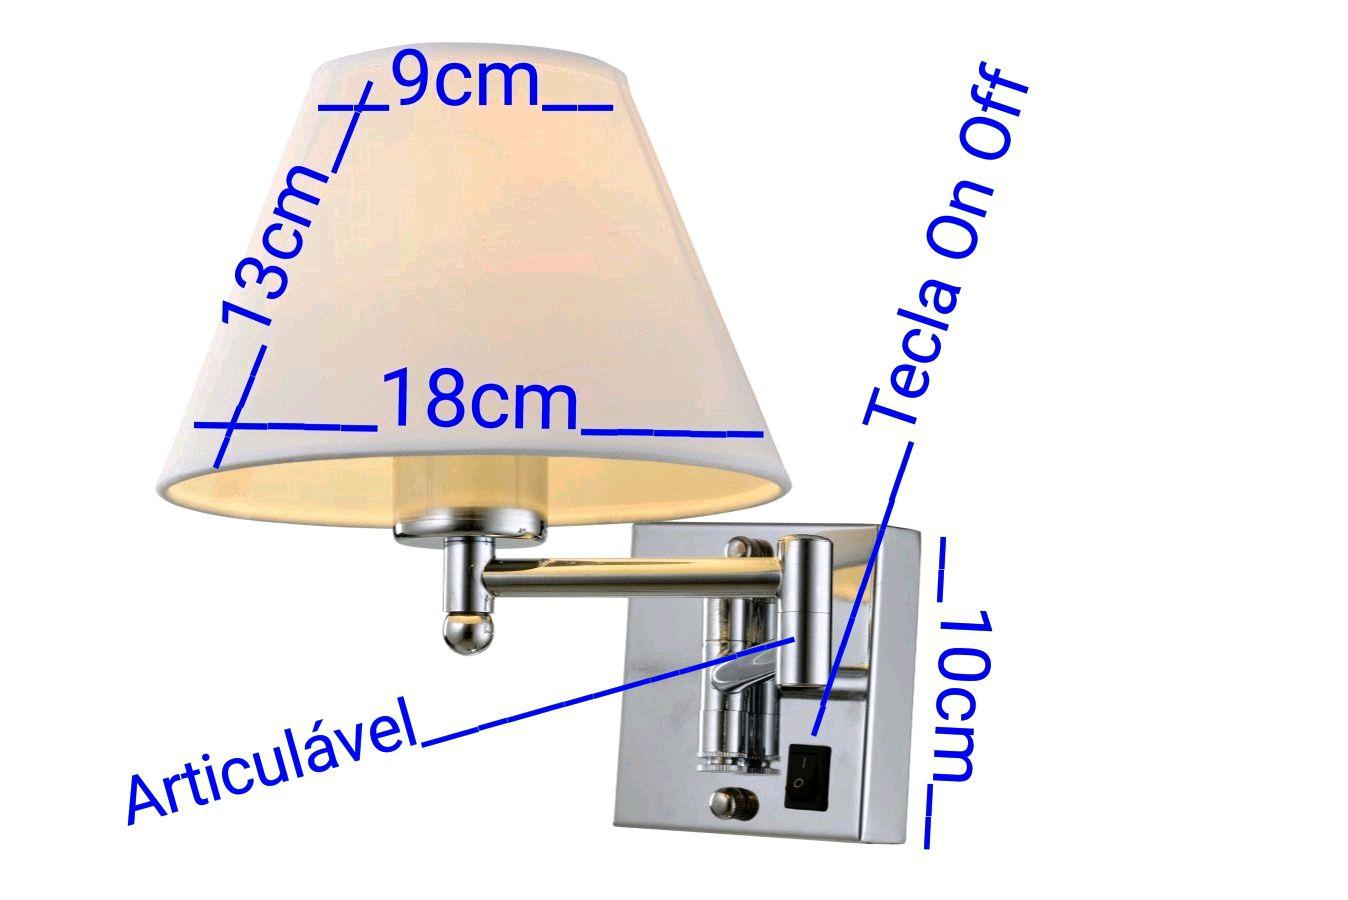 Kit 2 Unidades Arandela Vela Cúpula Branca Com Tecla Quarto Painel Cabeceira de Cama Sala Hotéis